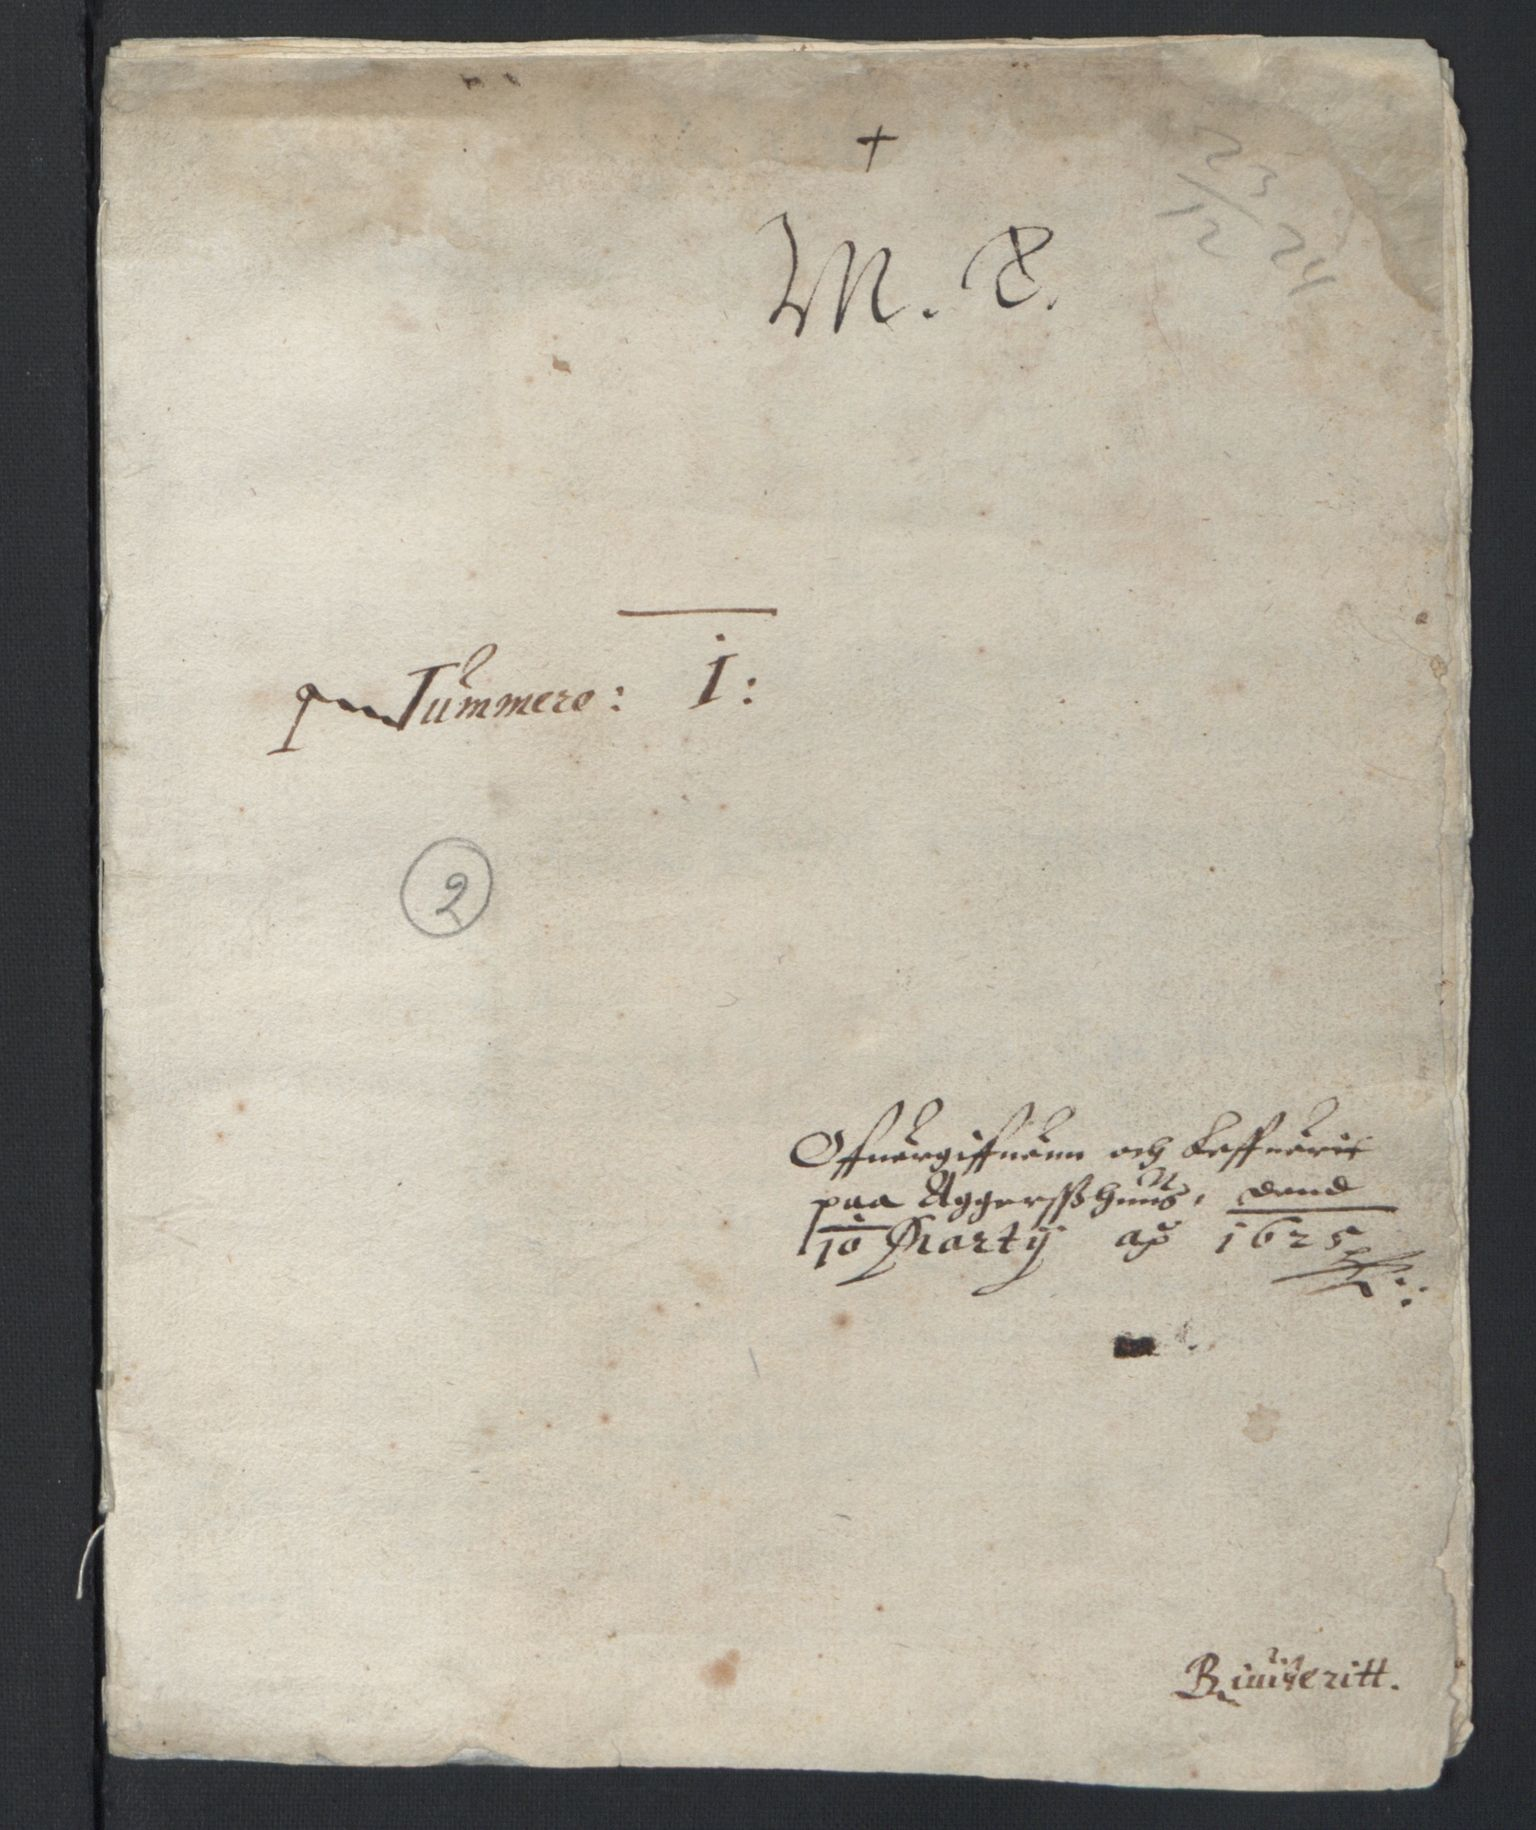 RA, Stattholderembetet 1572-1771, Ek/L0007: Jordebøker til utlikning av rosstjeneste 1624-1626:, 1624-1625, s. 29